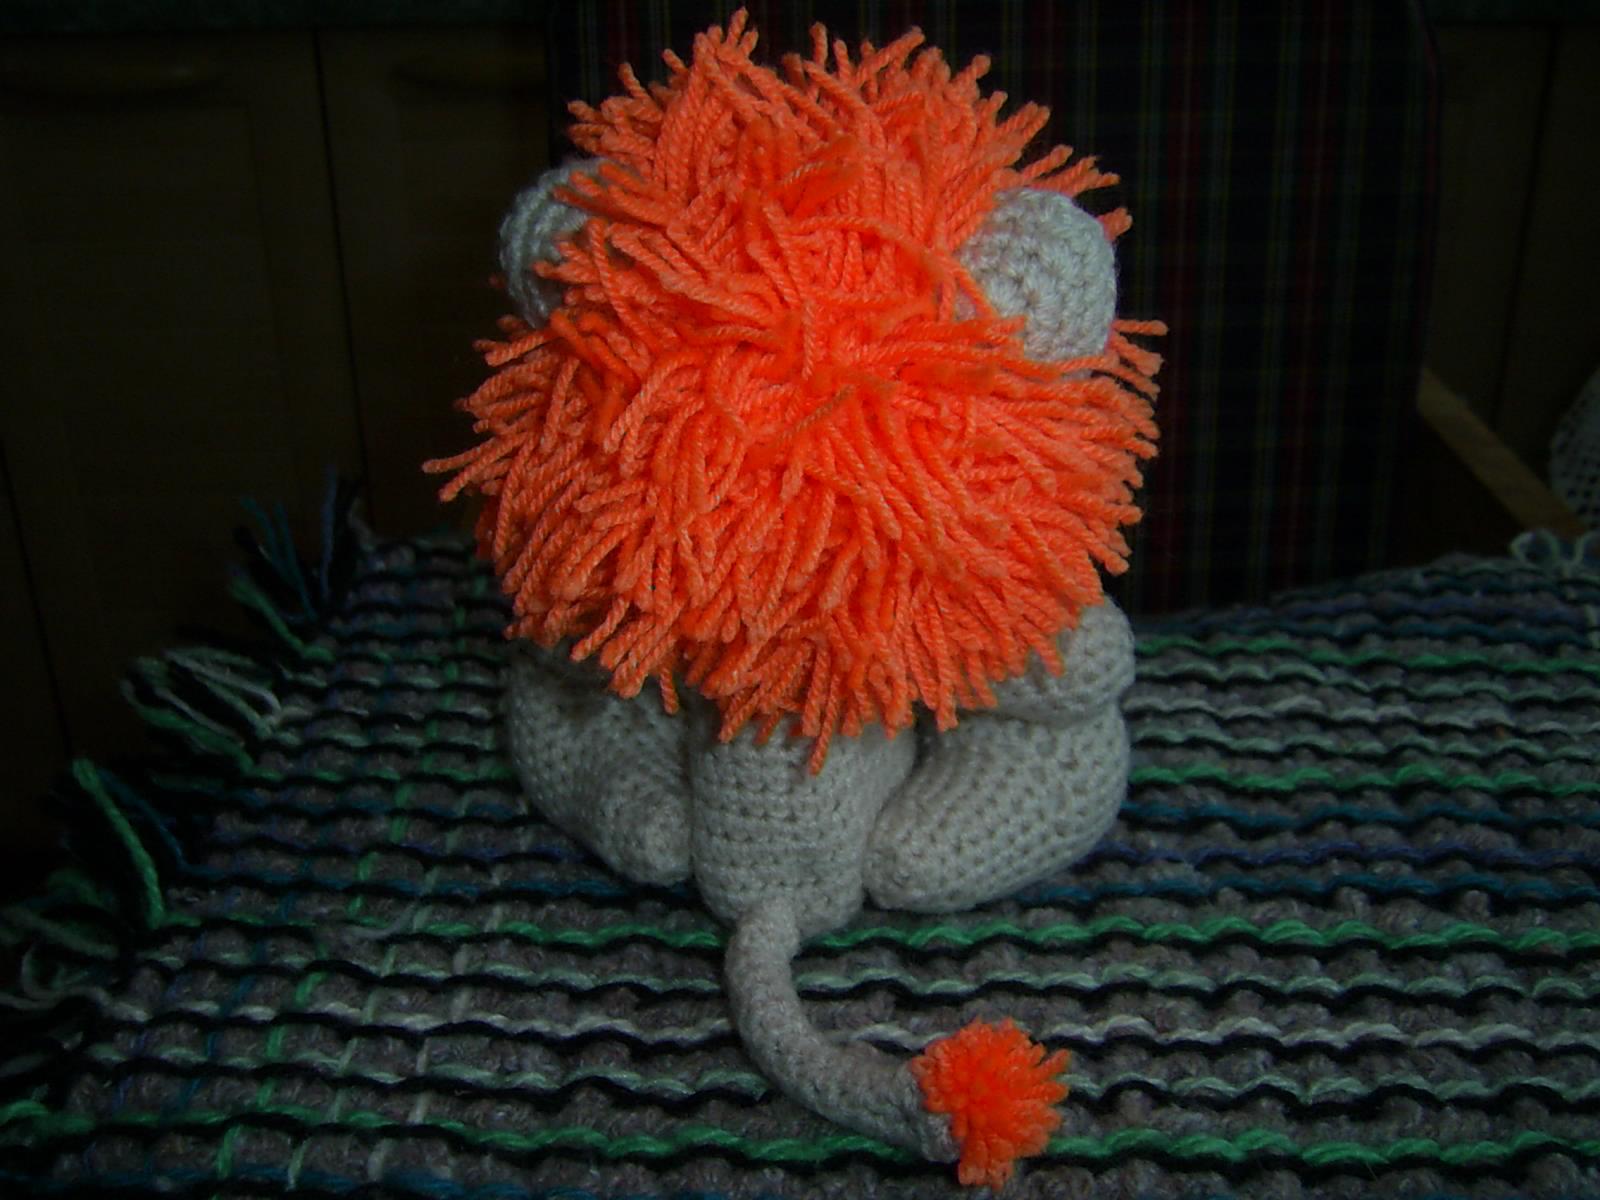 Львенок с оранжевой гривой